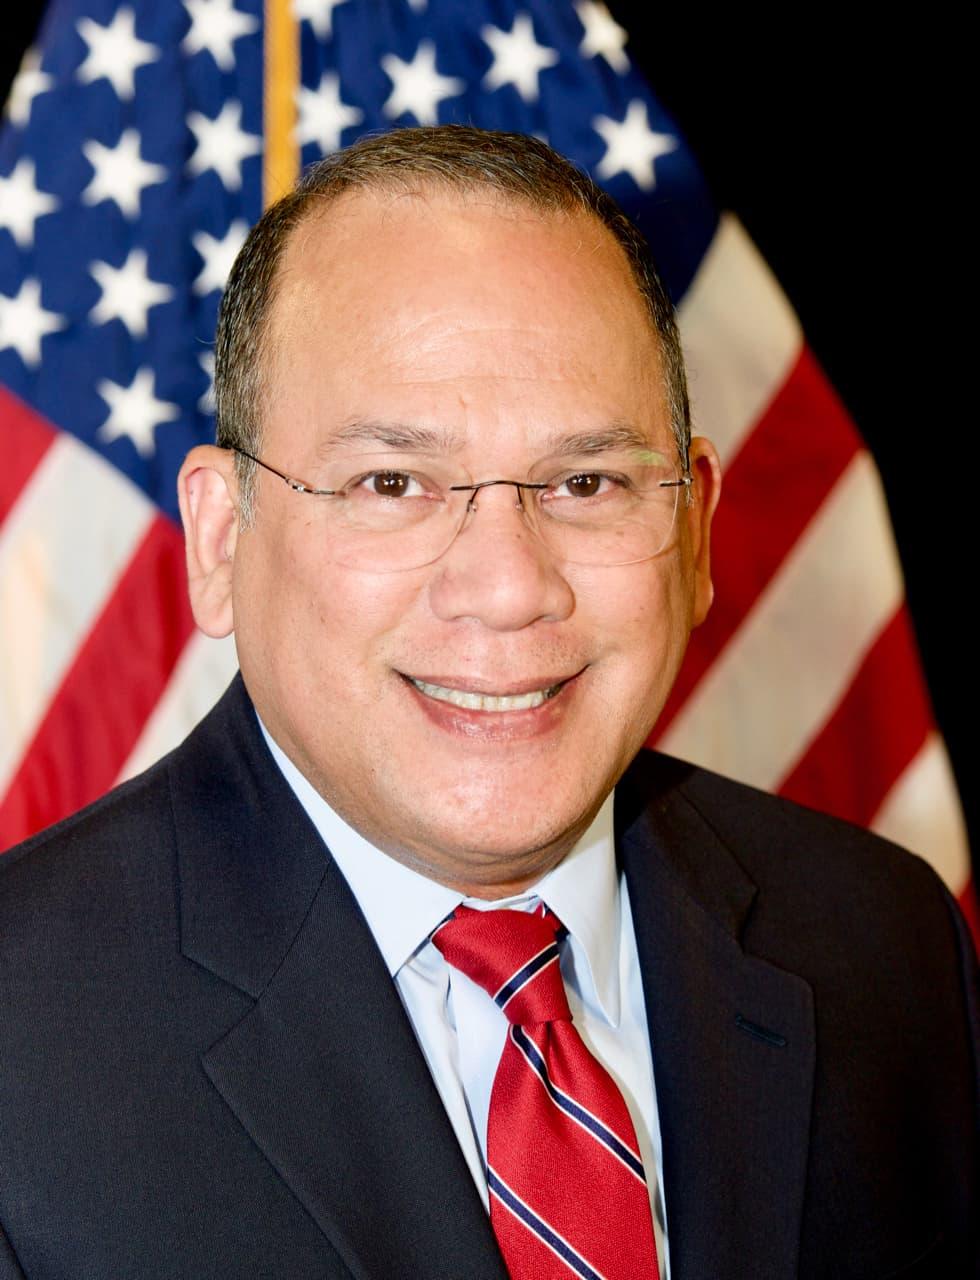 Michael P. Arriola